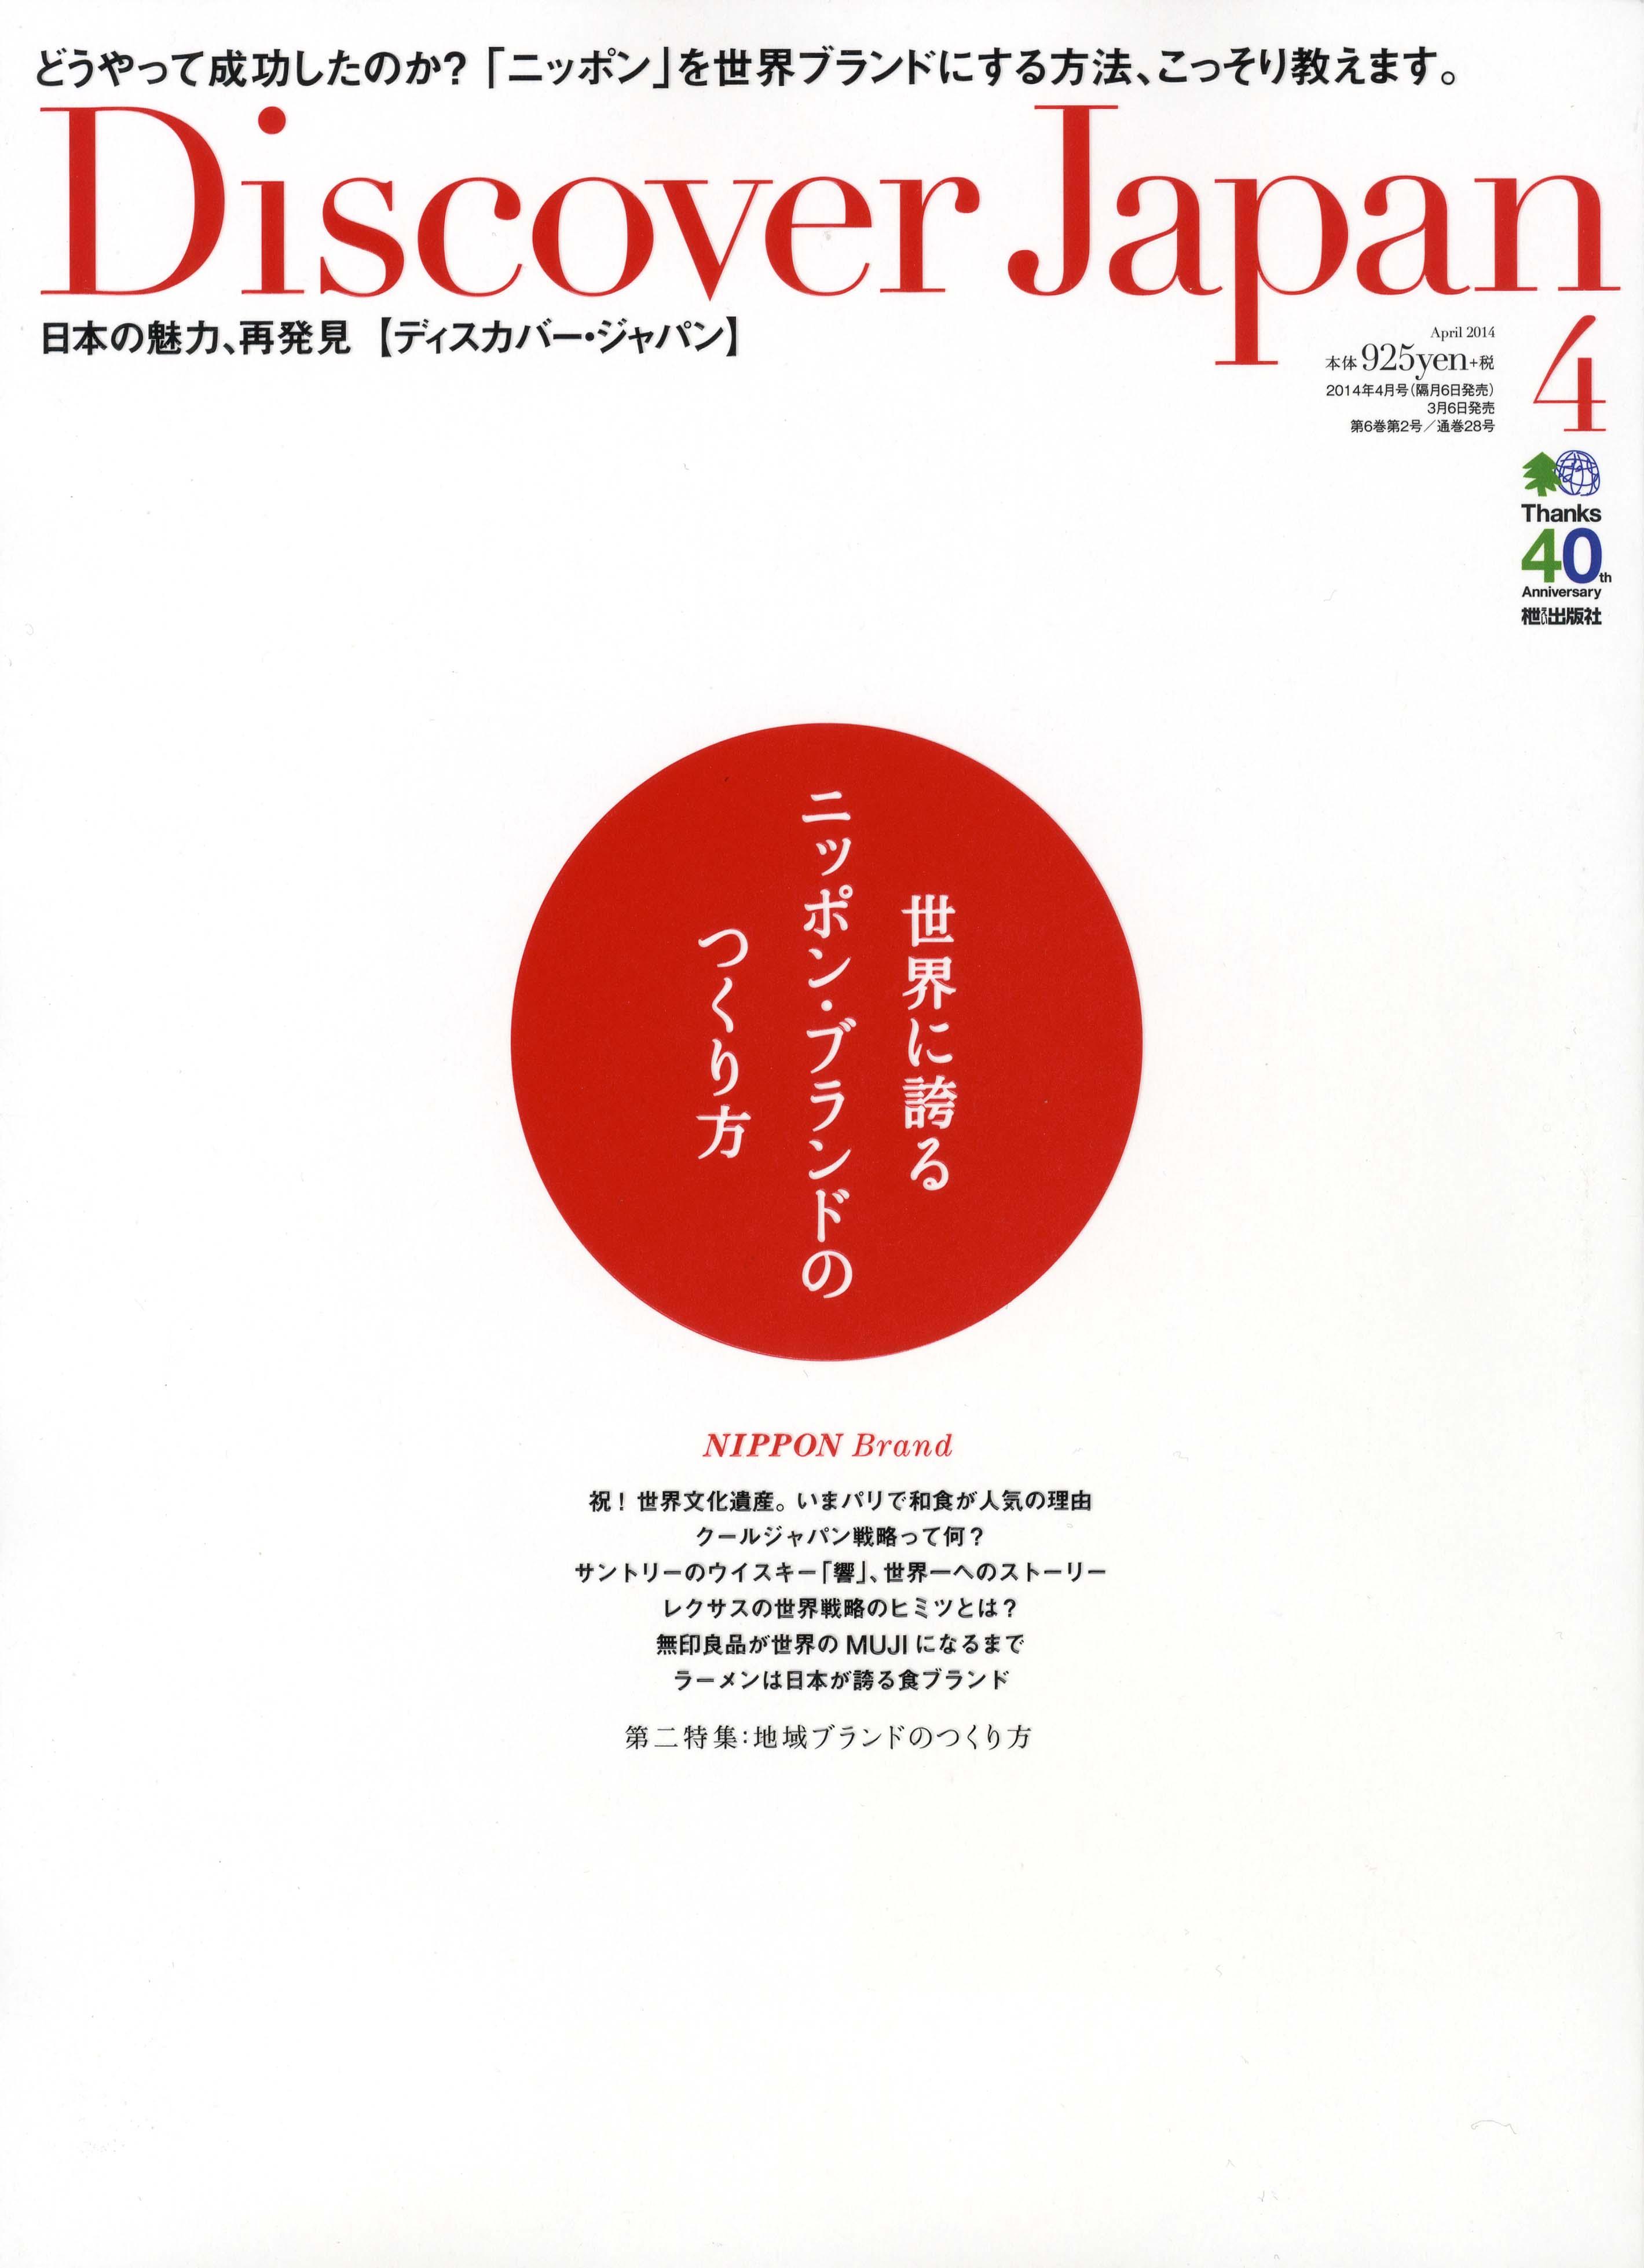 日本の魅力、再発見をテーマとした雑誌「Discover Japan」